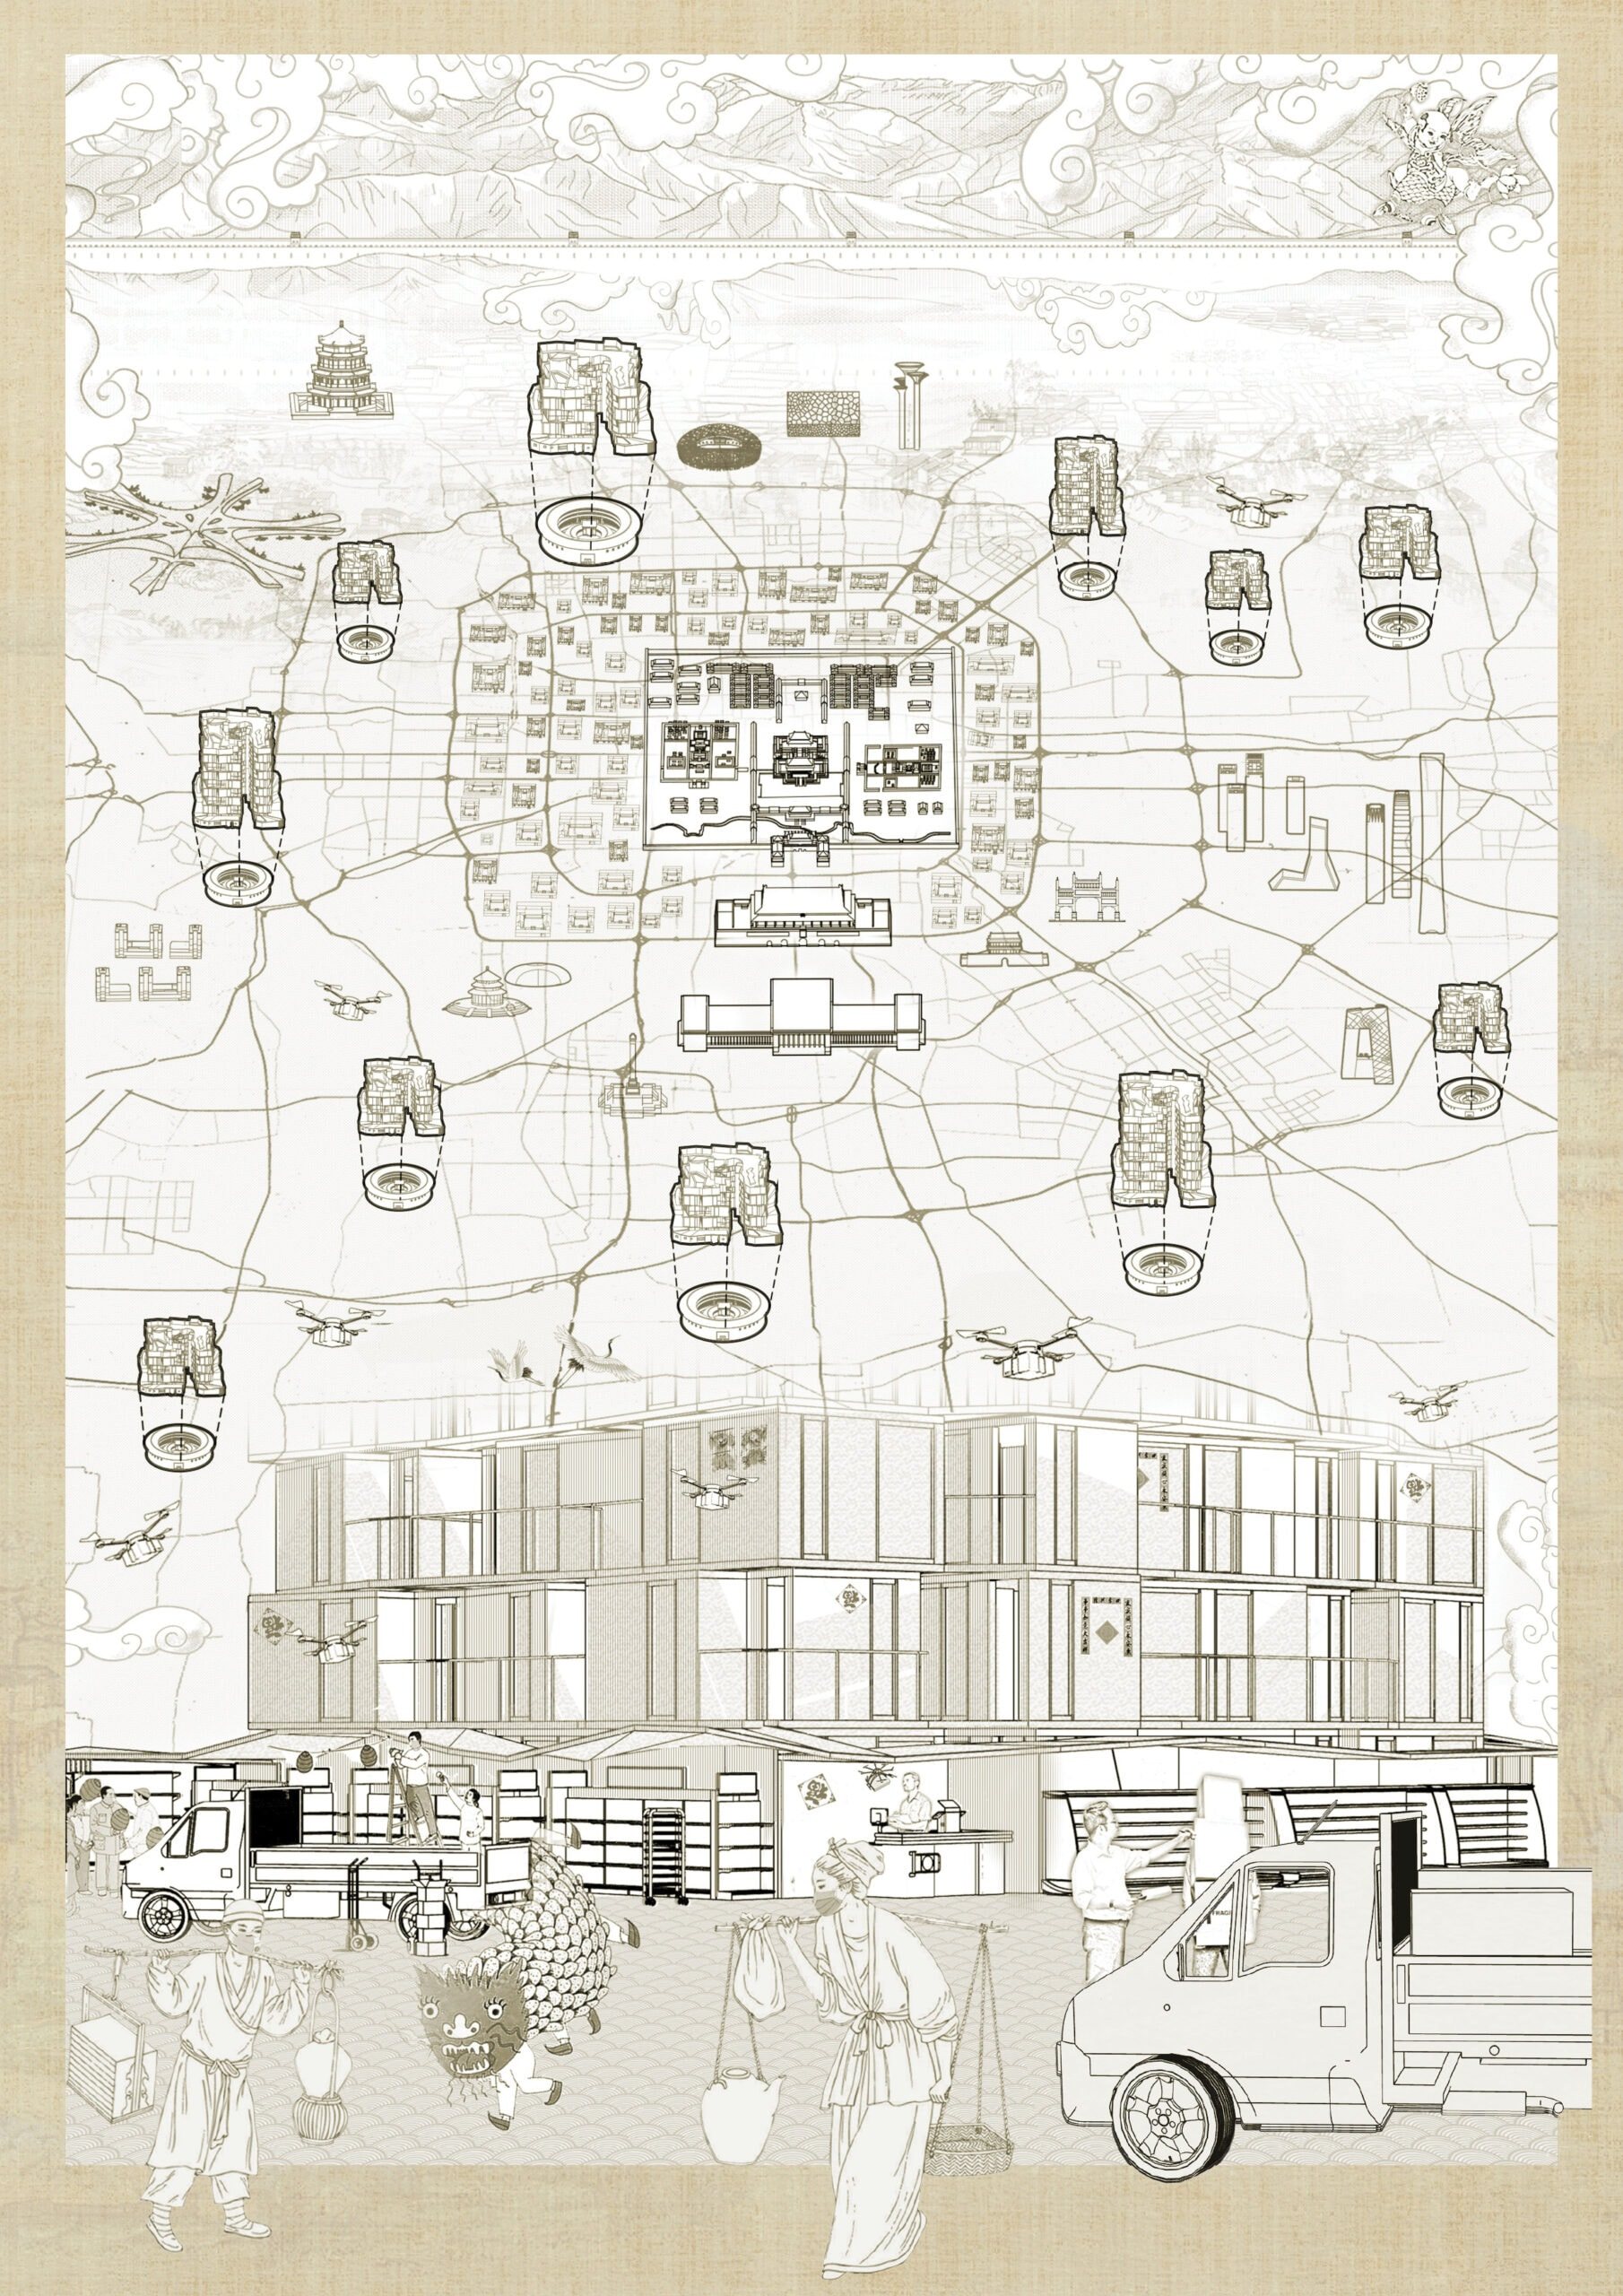 18762_City Village_Concept